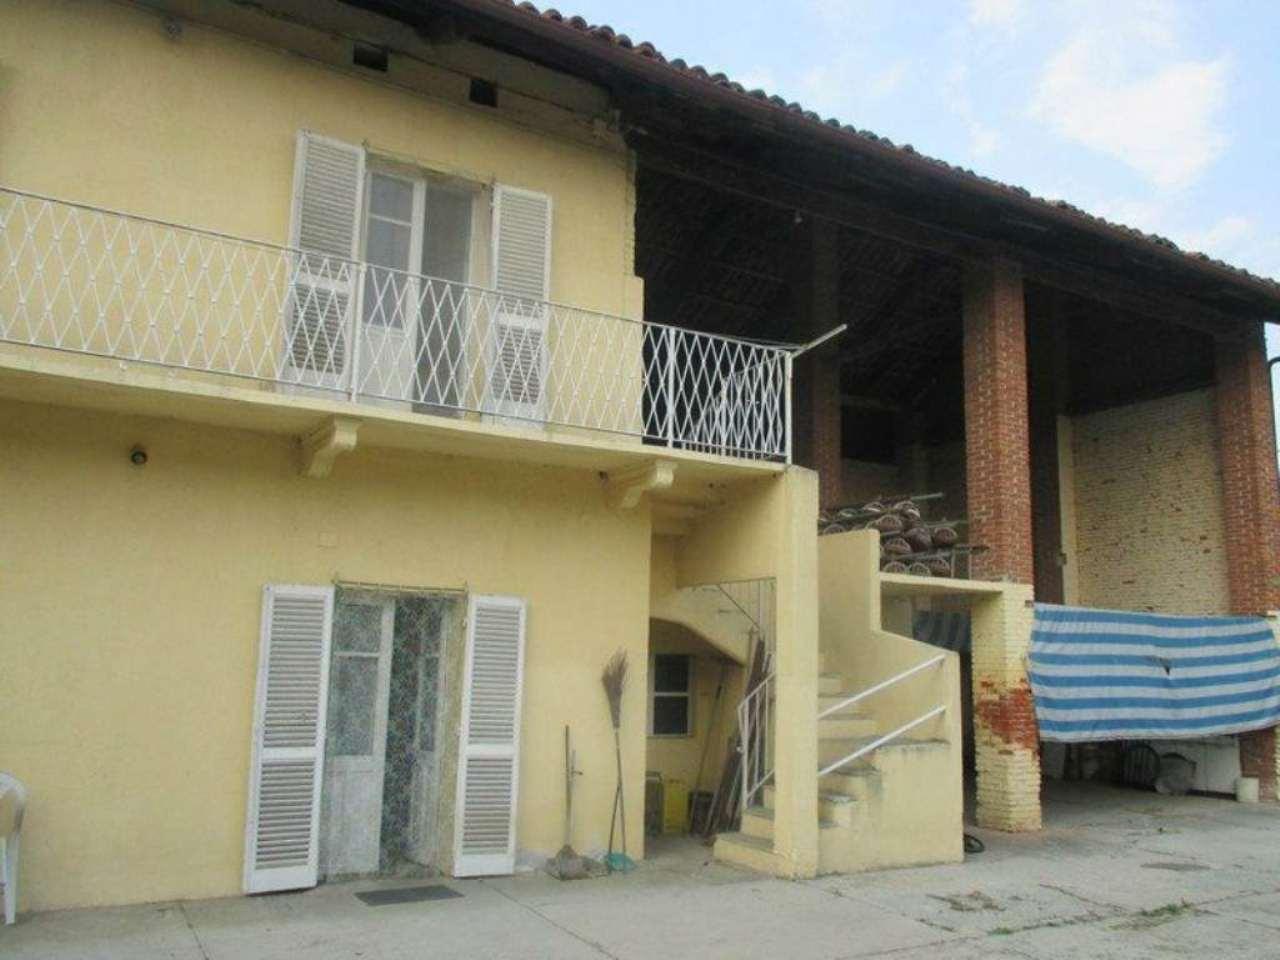 Rustico / Casale in vendita a Chivasso, 6 locali, prezzo € 143.000 | Cambio Casa.it